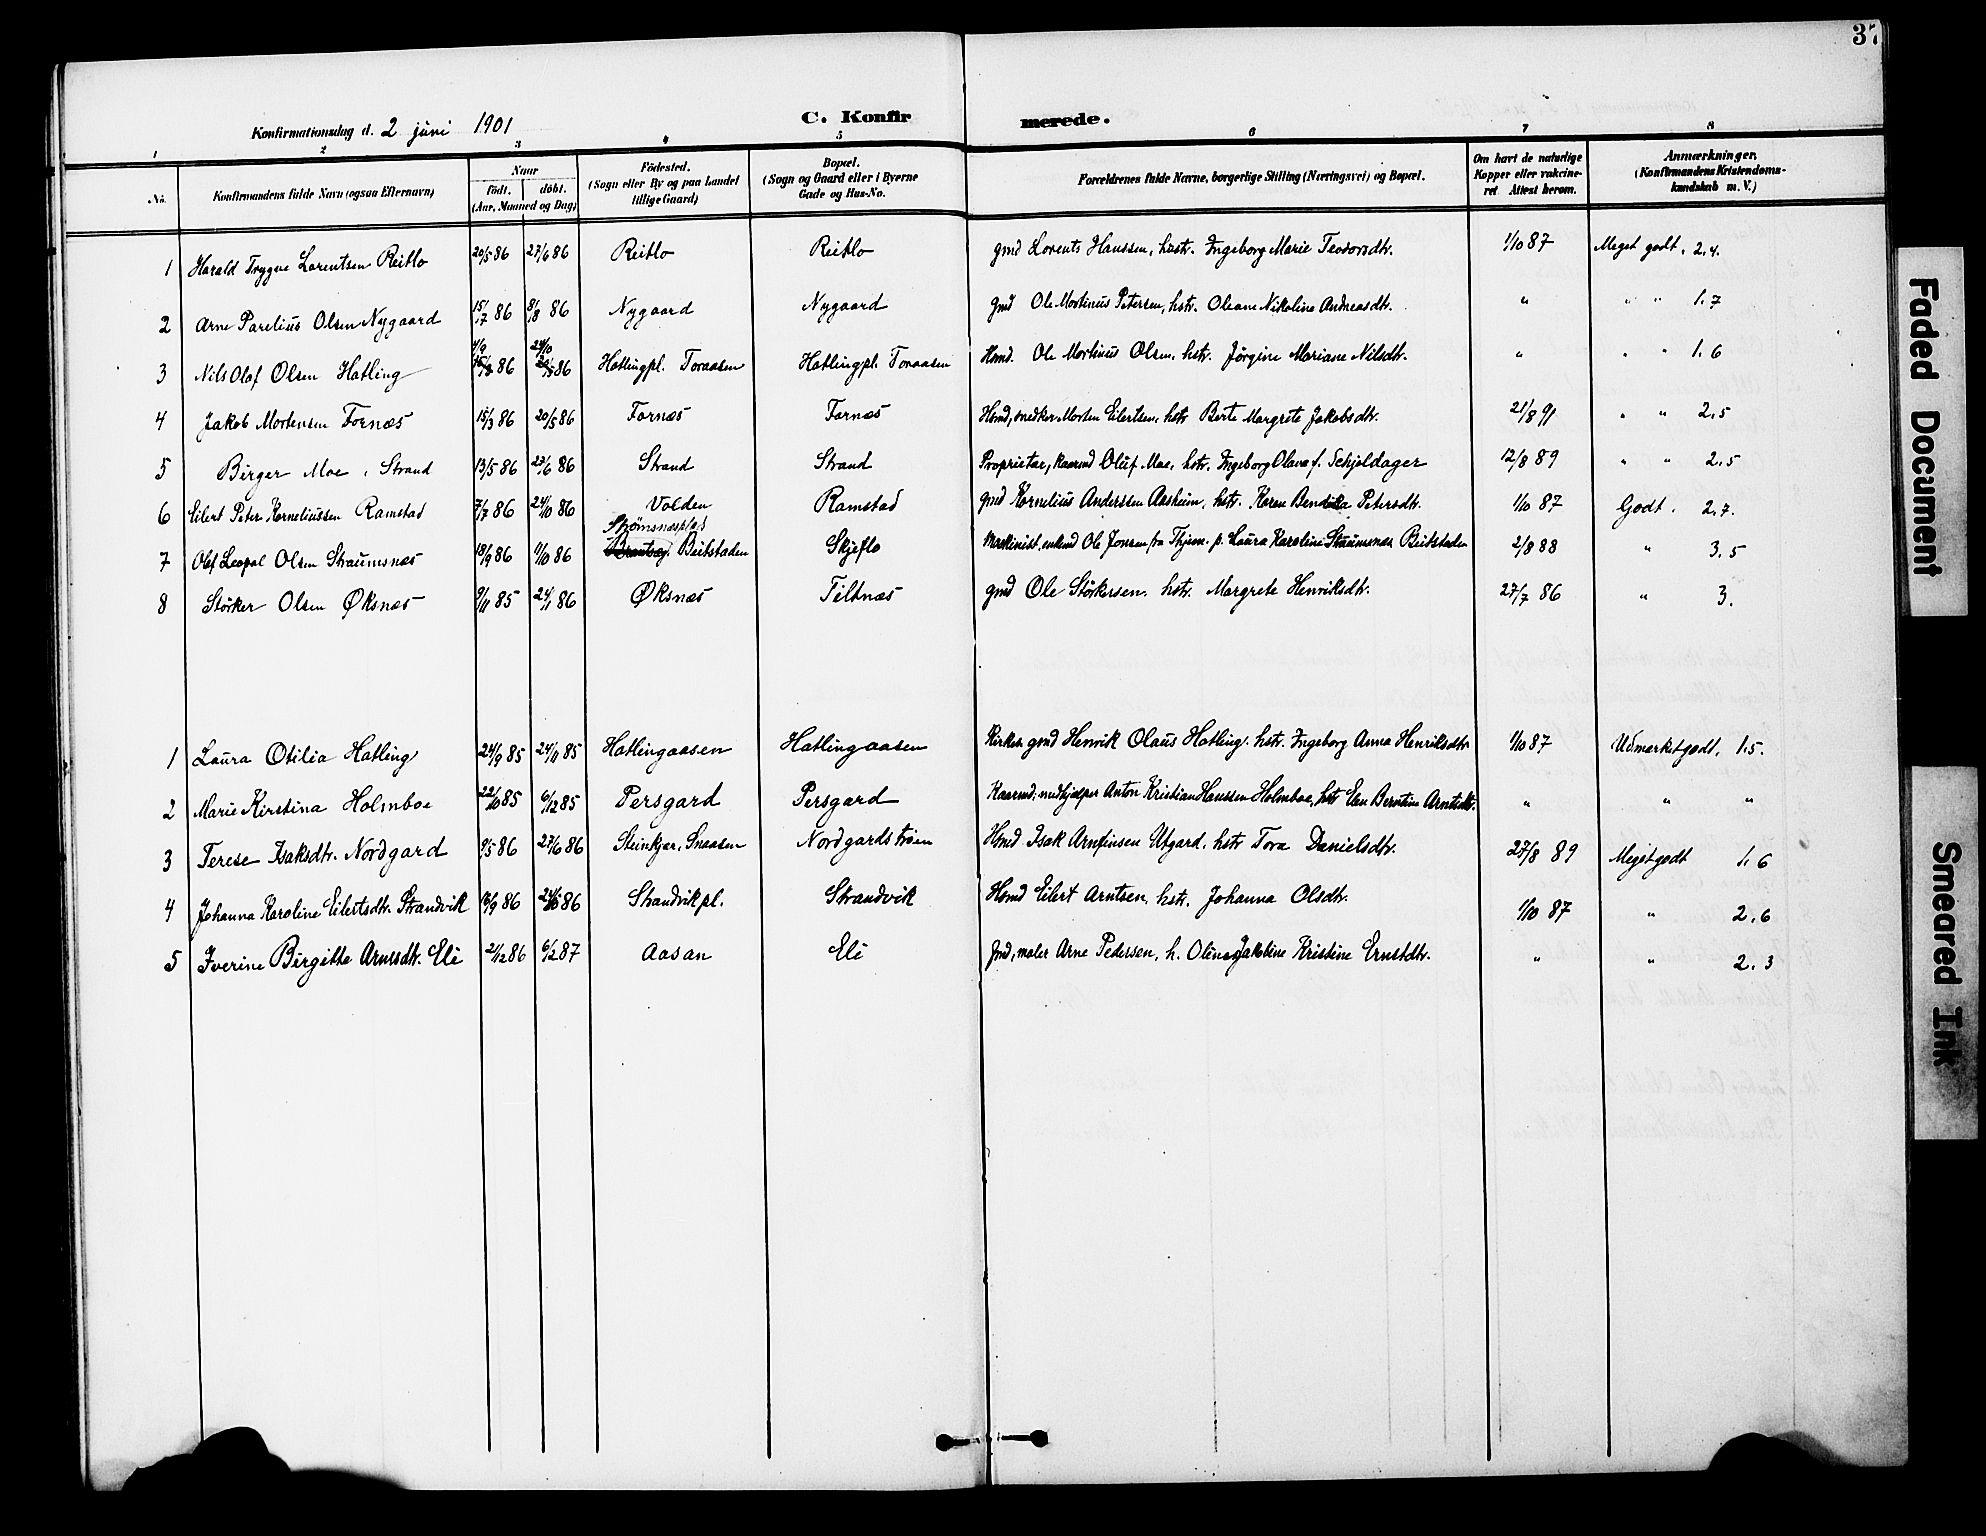 SAT, Ministerialprotokoller, klokkerbøker og fødselsregistre - Nord-Trøndelag, 746/L0452: Ministerialbok nr. 746A09, 1900-1908, s. 37